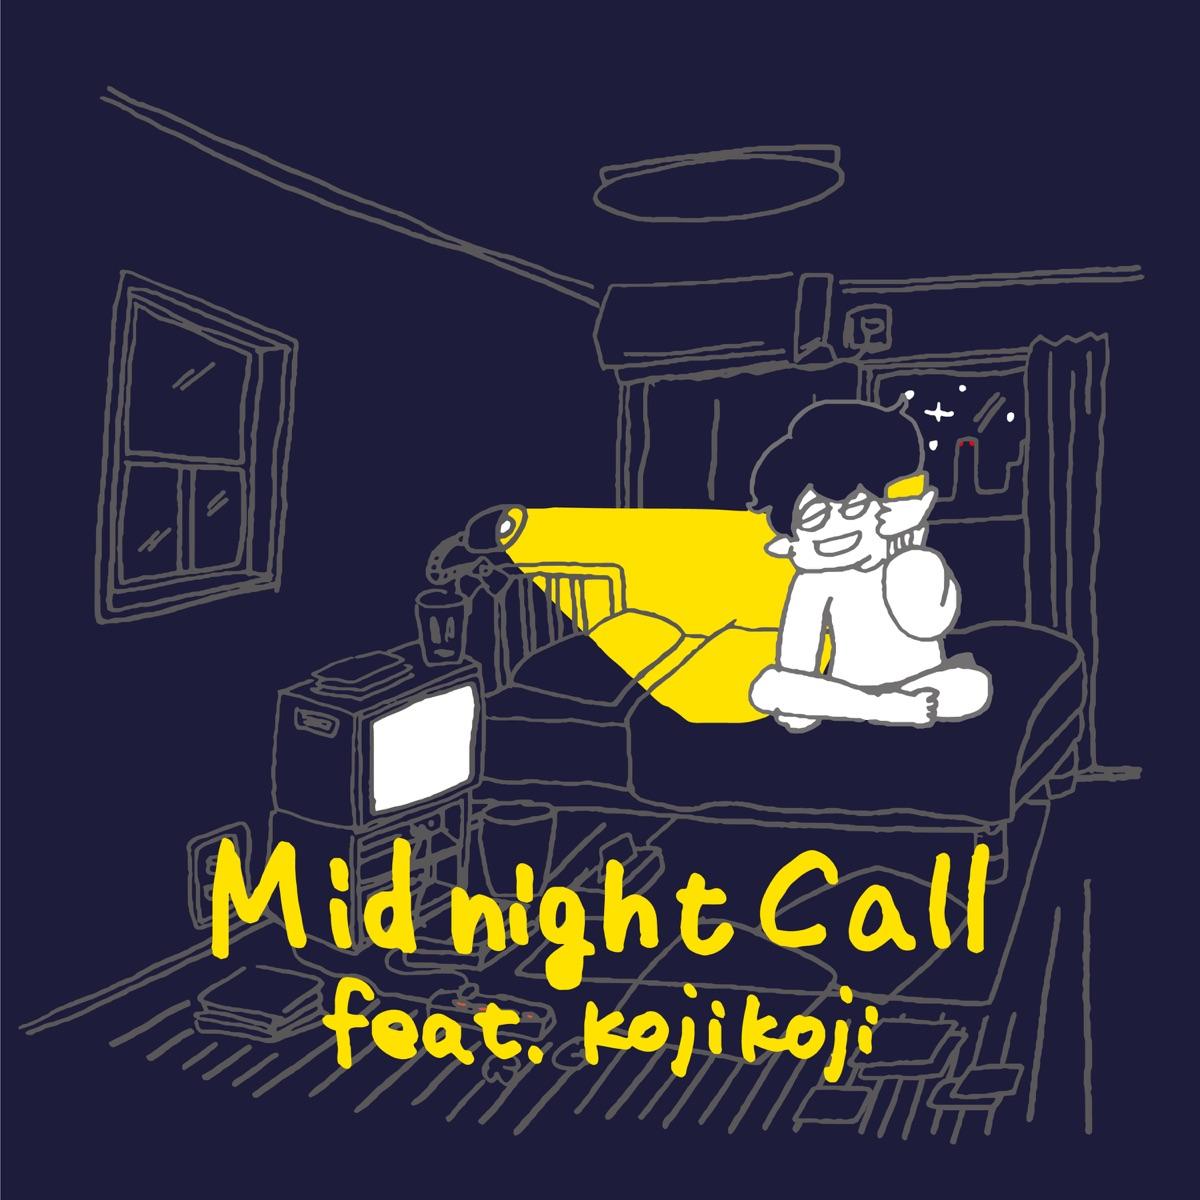 『ぜったくん - Midnight Call (feat. kojikoji)』収録の『 Midnight Call (feat. kojikoji)』ジャケット